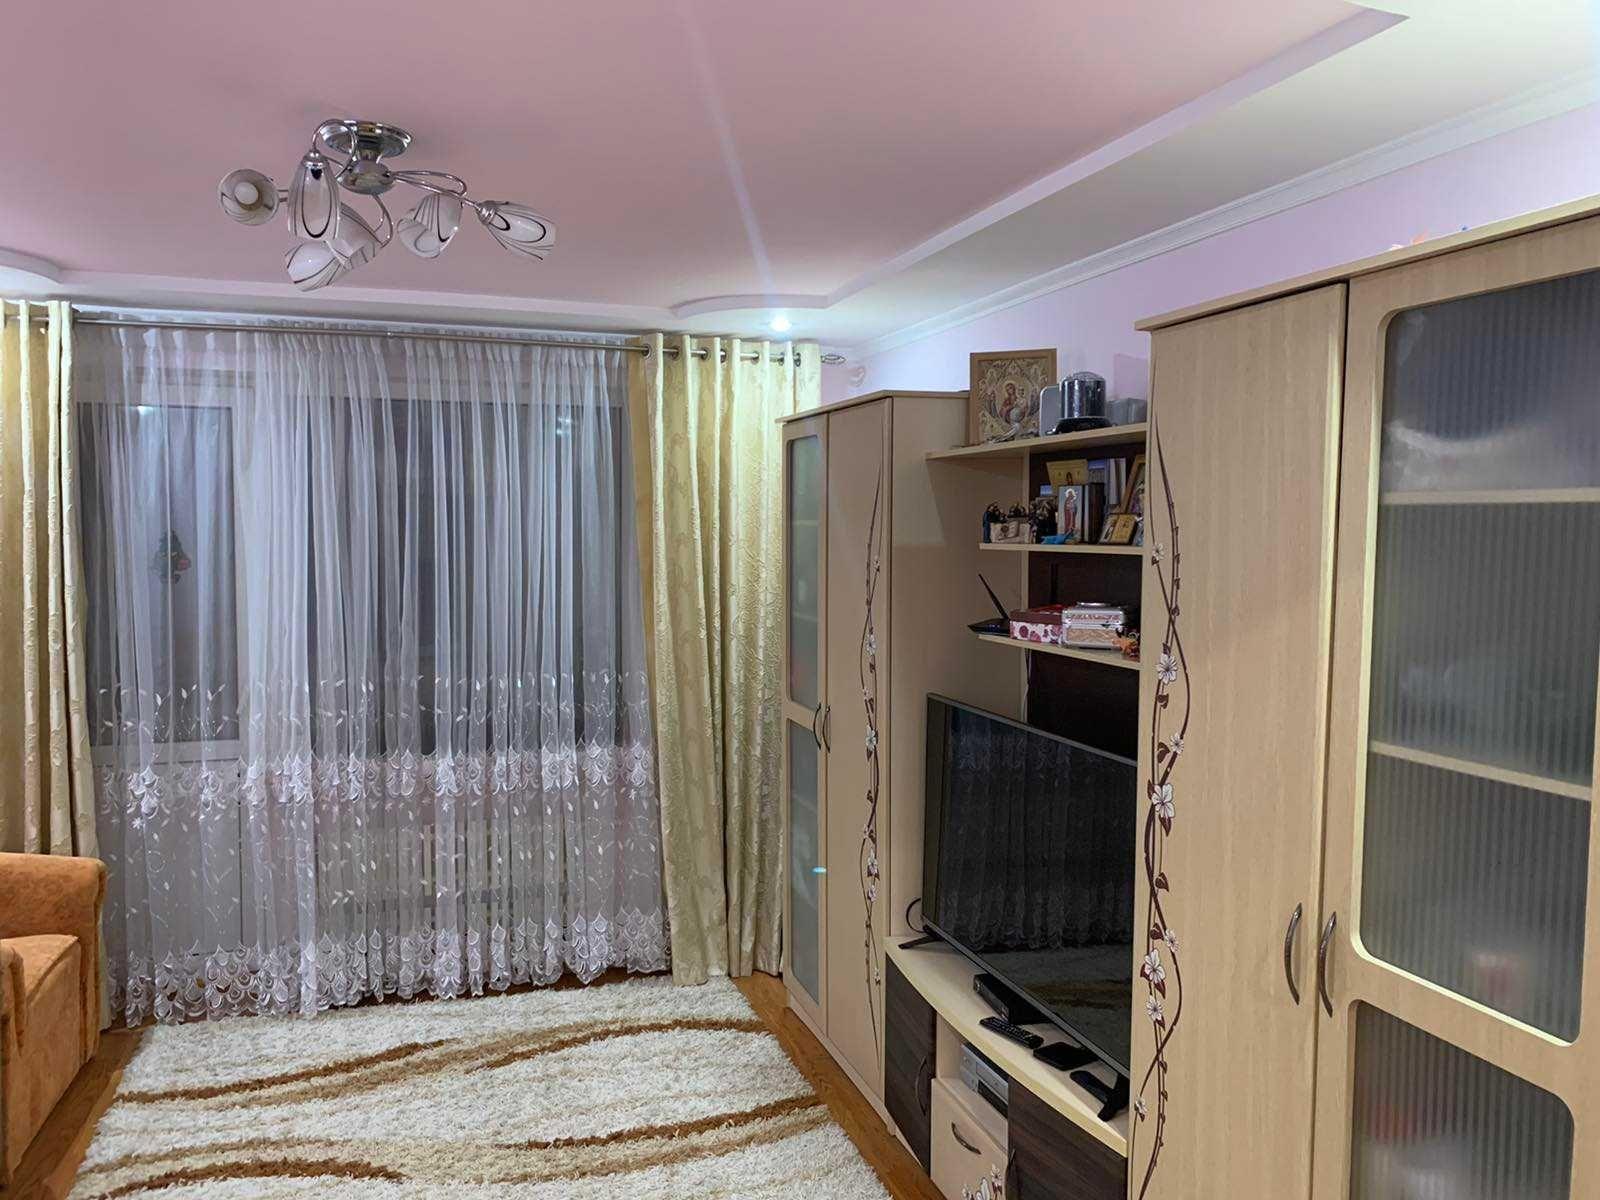 Продам 3х кімн. квартиру по вул.Конякіна в хорошому стані.5/9ц.65кв.м.